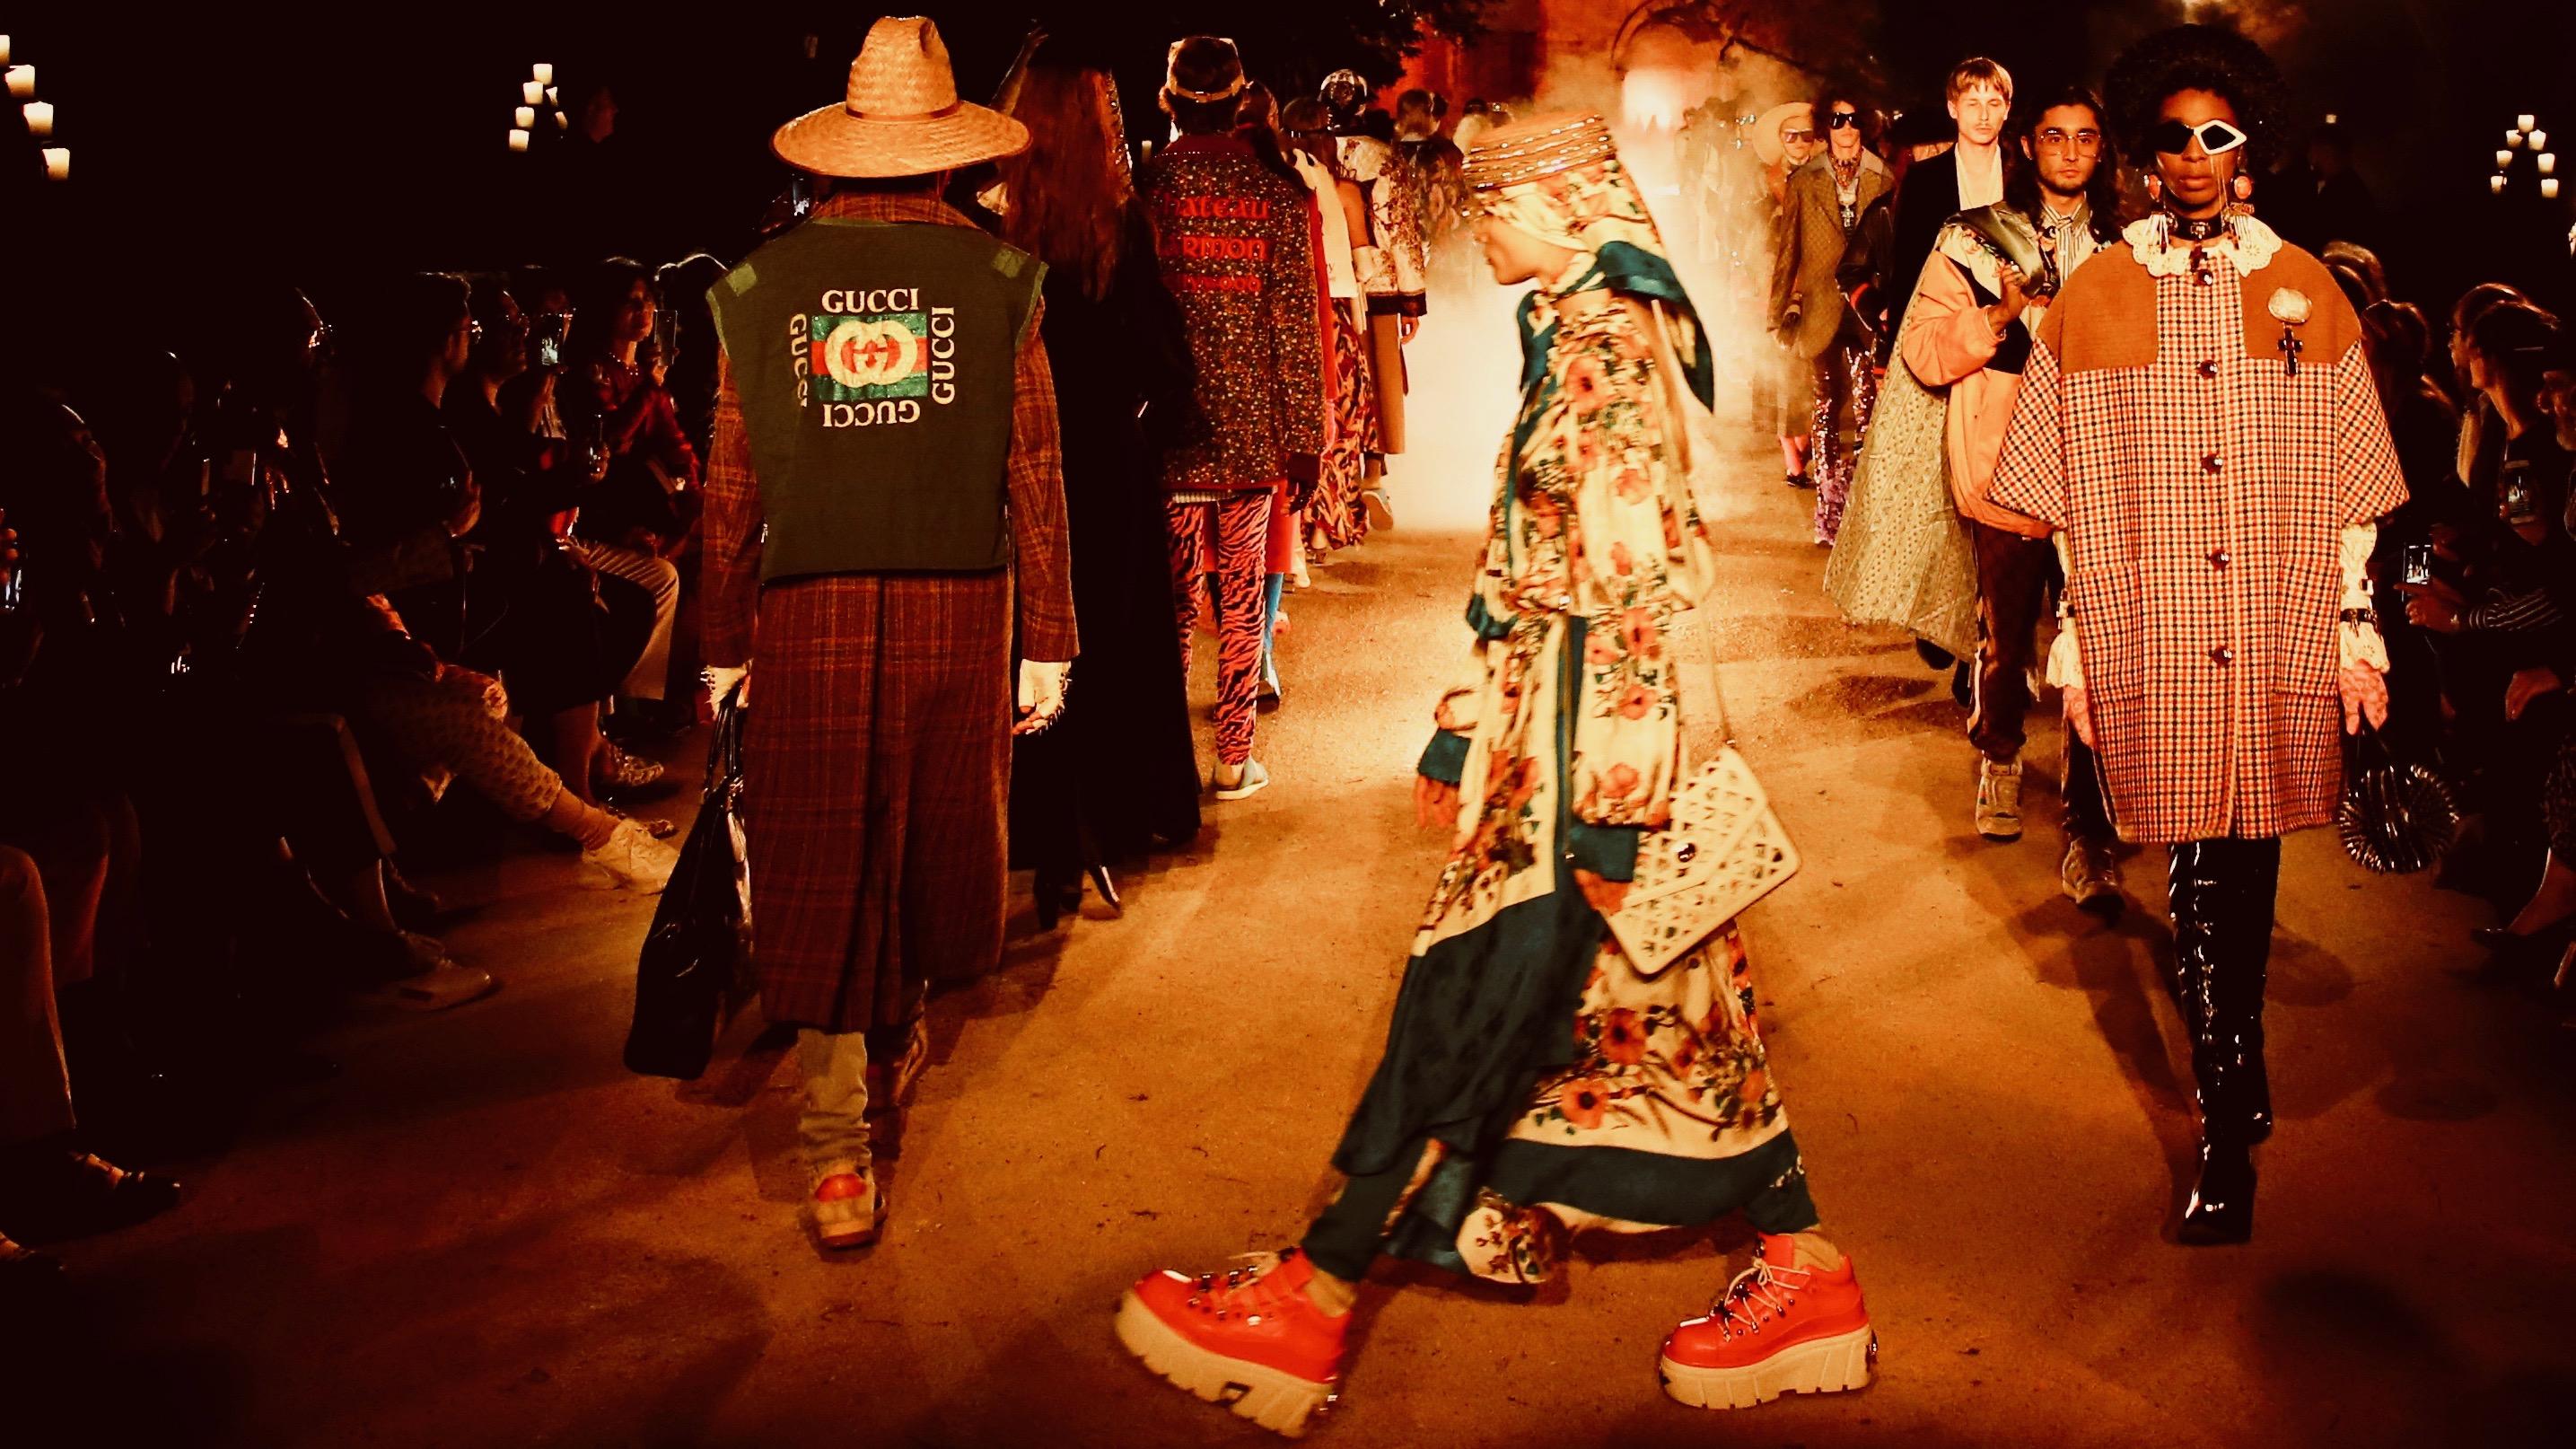 Gucci runway show.